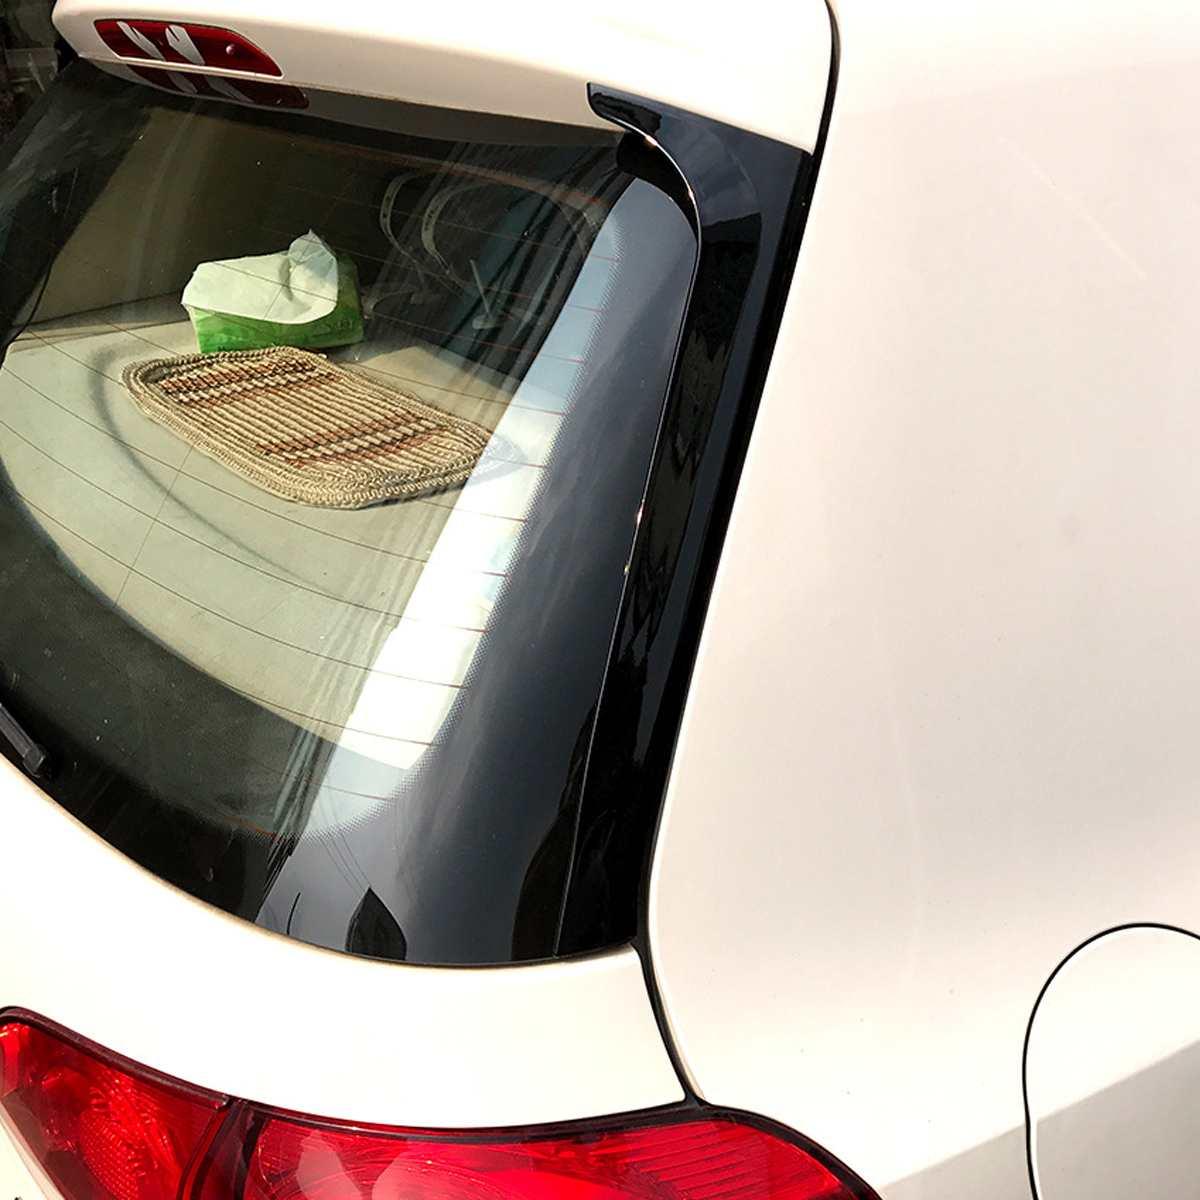 Paire brillant noir fenêtre arrière côté becquet Canard Canards séparateur pour VW Golf 6 MK6 2008-2013 pas adapté pour Golf 6 GTI/R!!!